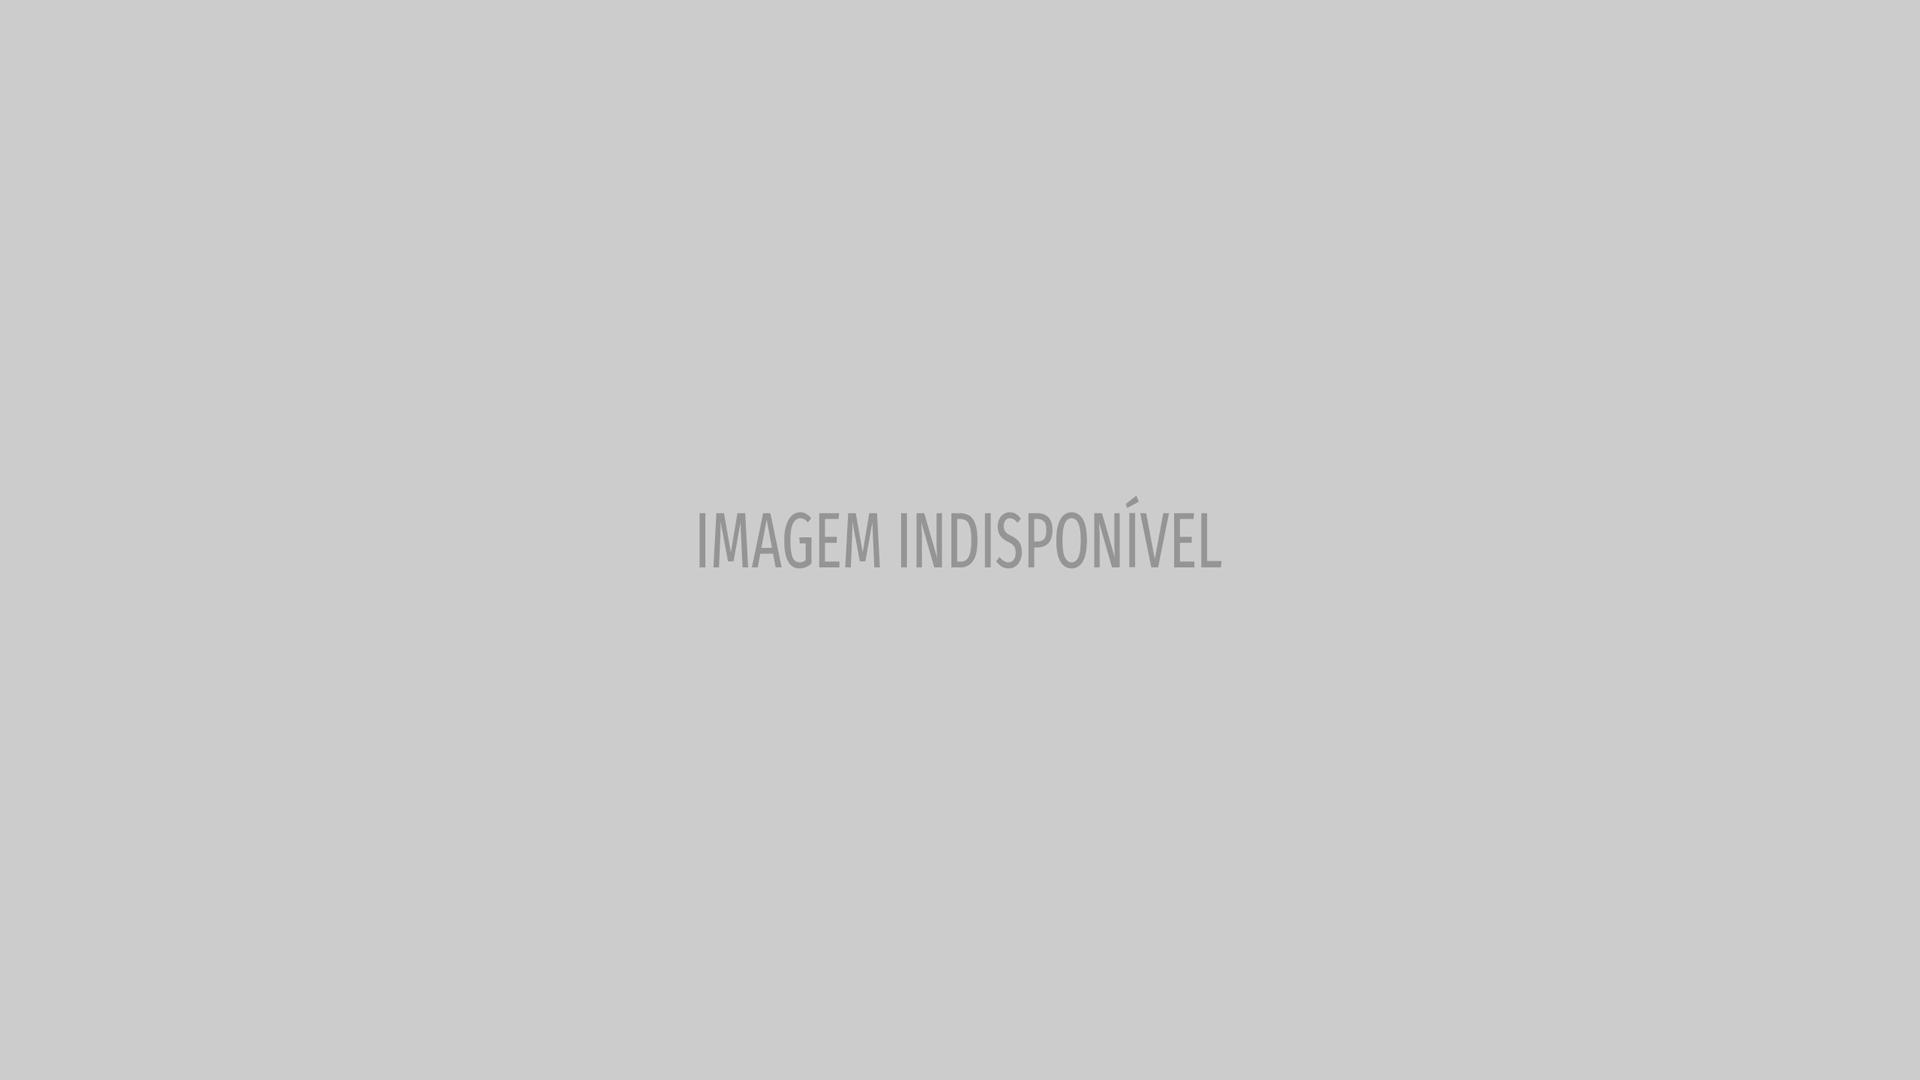 Asteroide com 'elemento de vida' é descoberto depois de Netuno